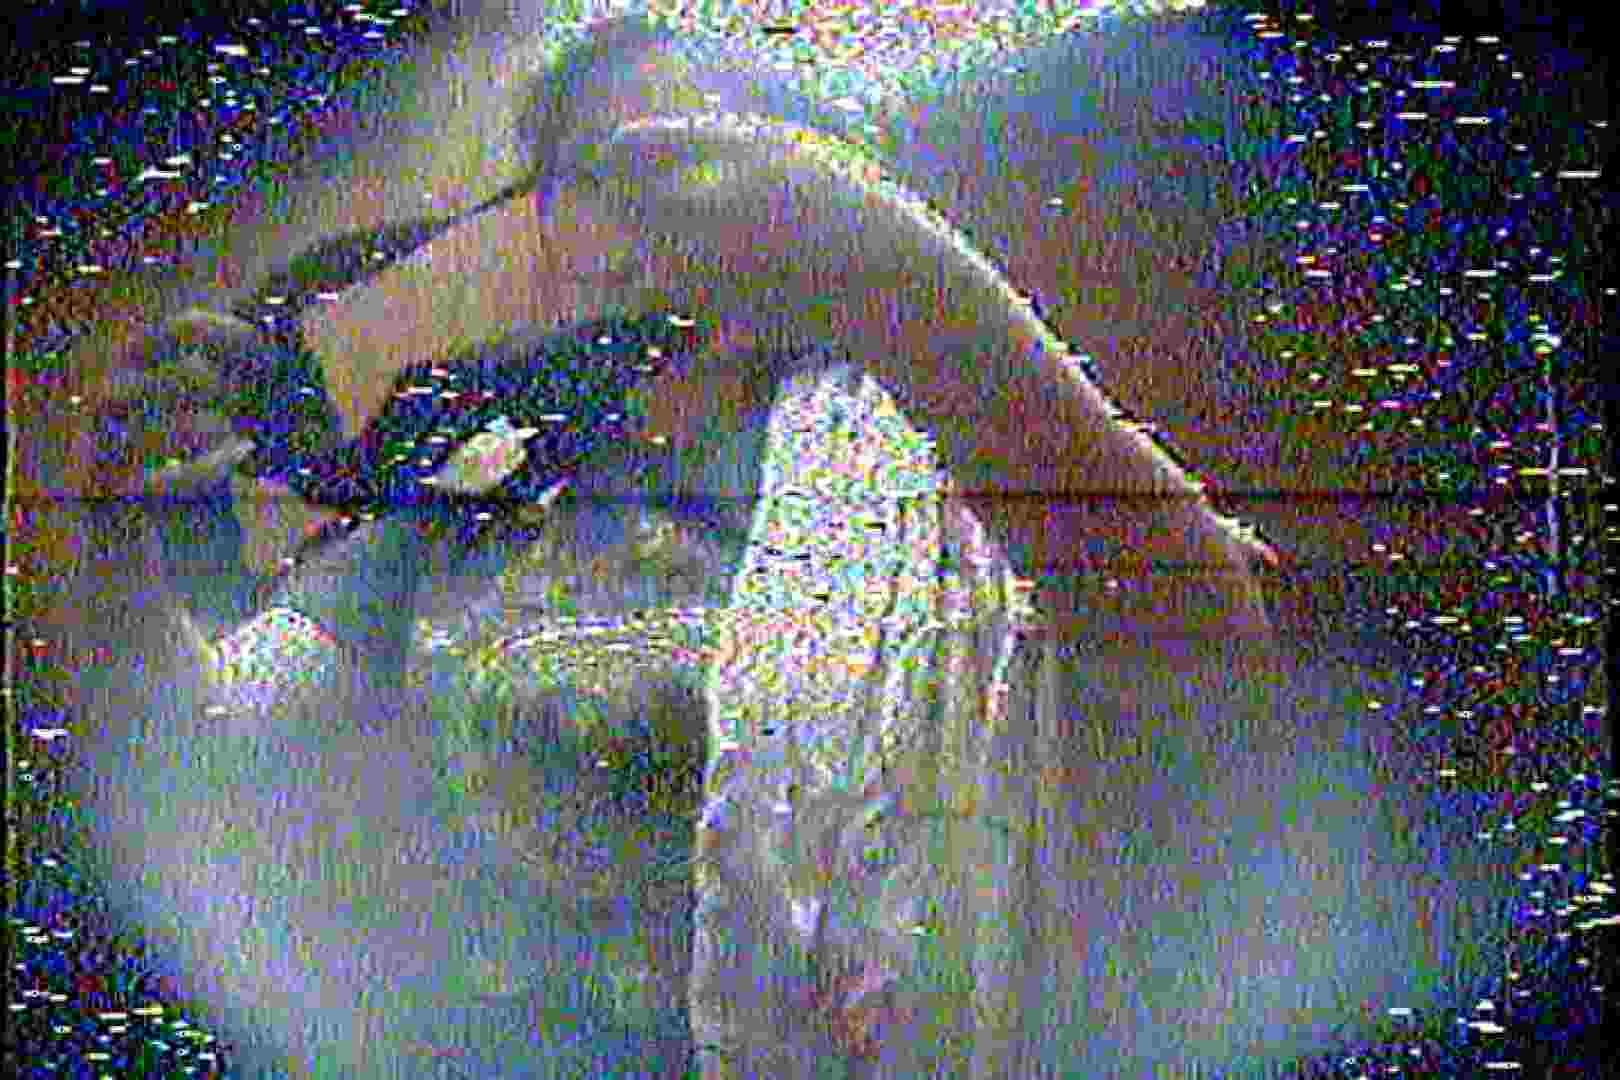 海の家の更衣室 Vol.24 美女 盗撮えろ無修正画像 74pic 74